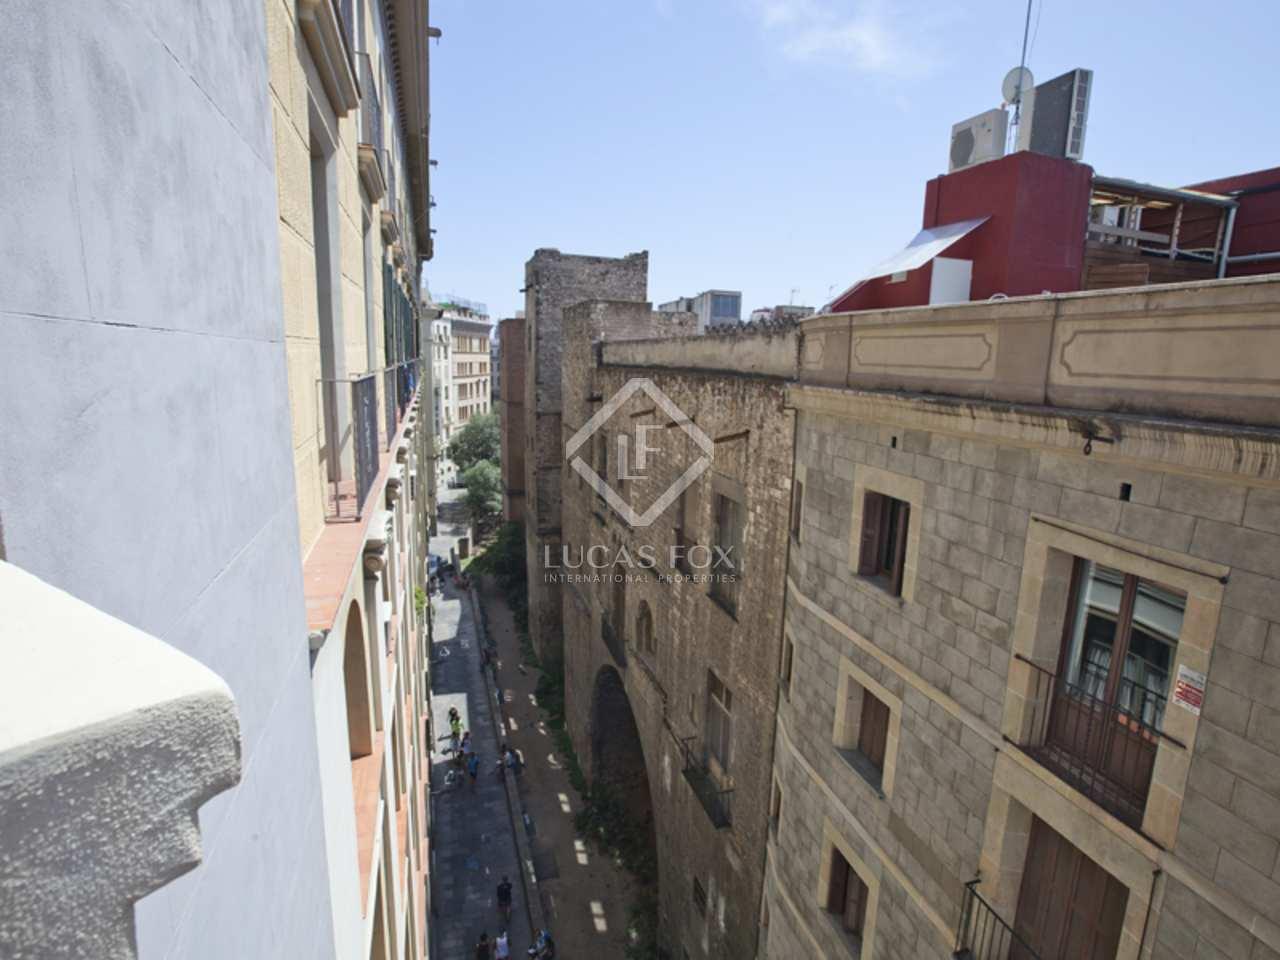 Appartement unique r nover vendre ciutat vella barcelone - Appartements a vendre a barcelone ...